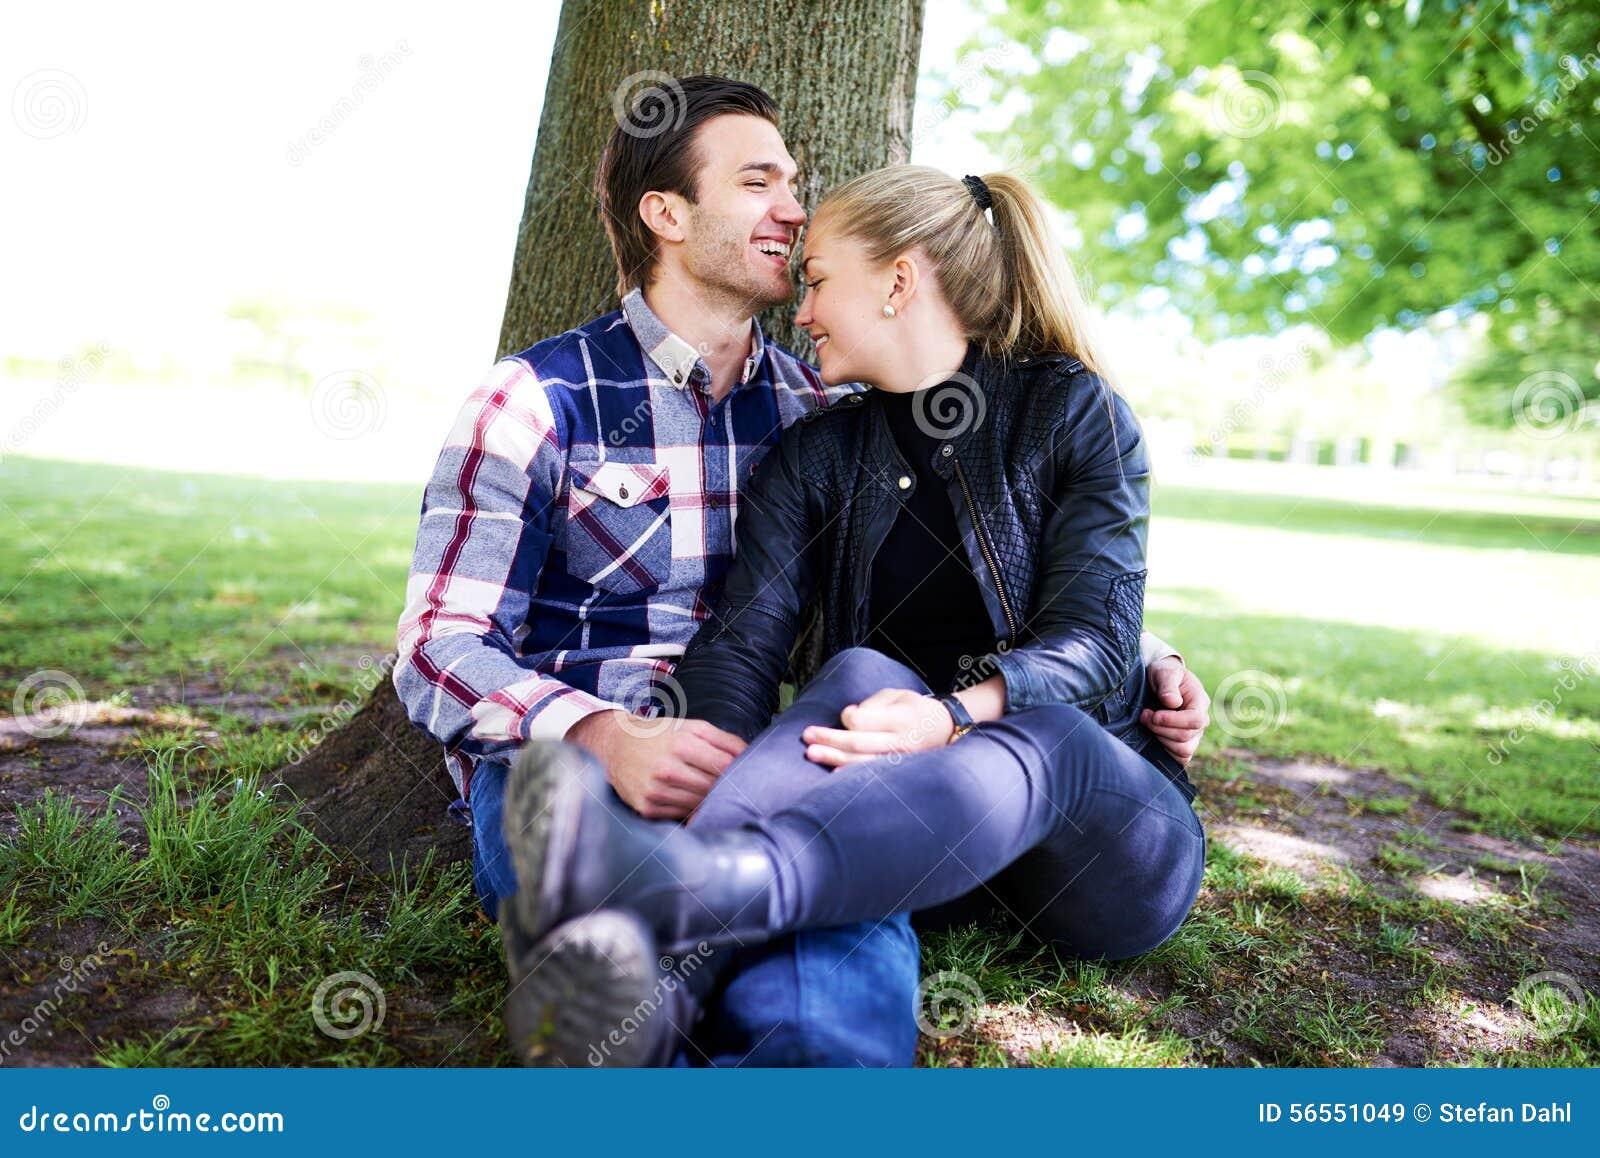 Romantische junge Paare, die einen vertrauten Moment genießen